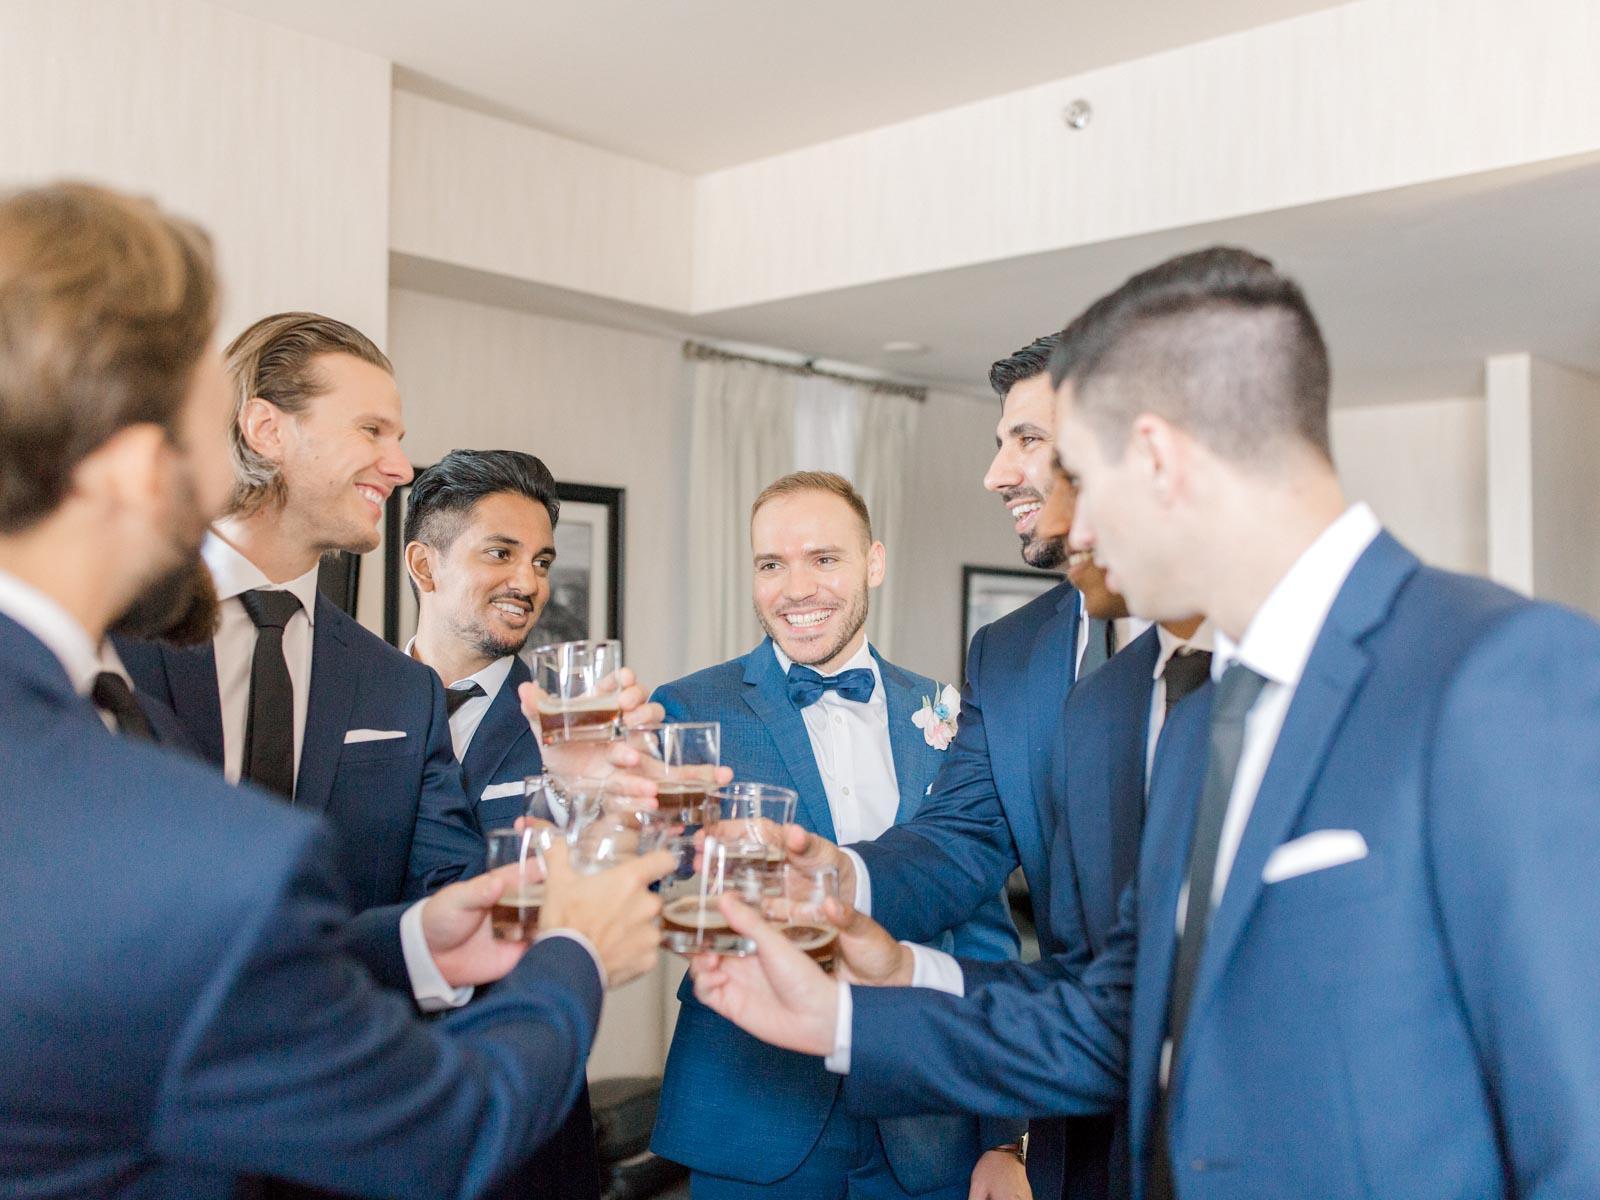 Wedding Photographer in Hamilton Ontario